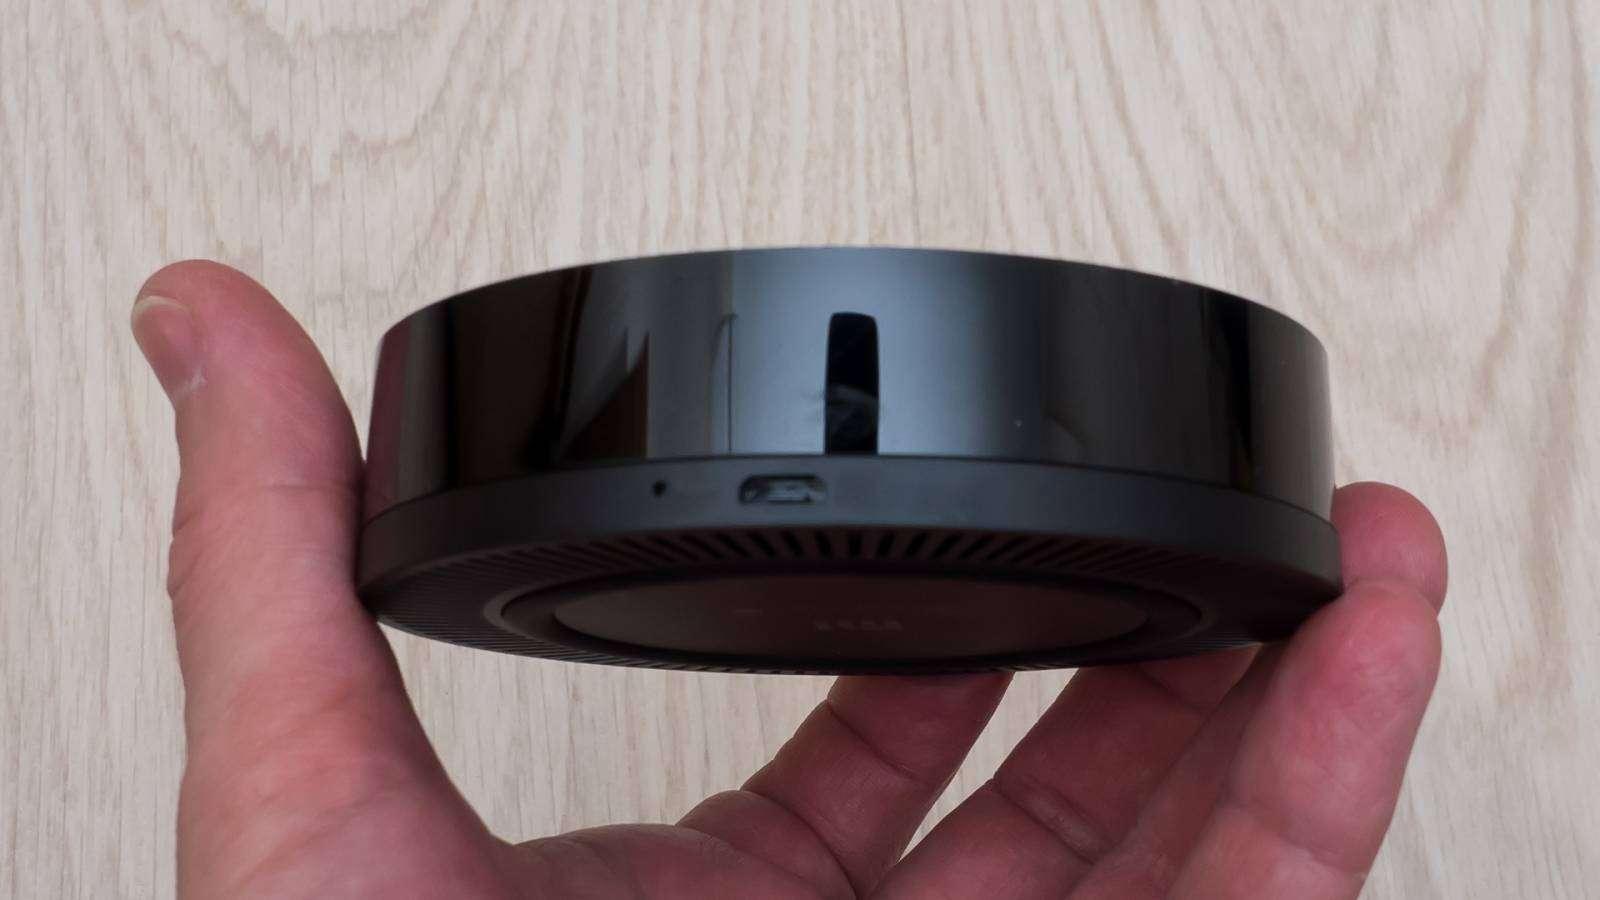 GearBest: Обзор универсального ИК контролера Xiaomi, настройки, сценарии